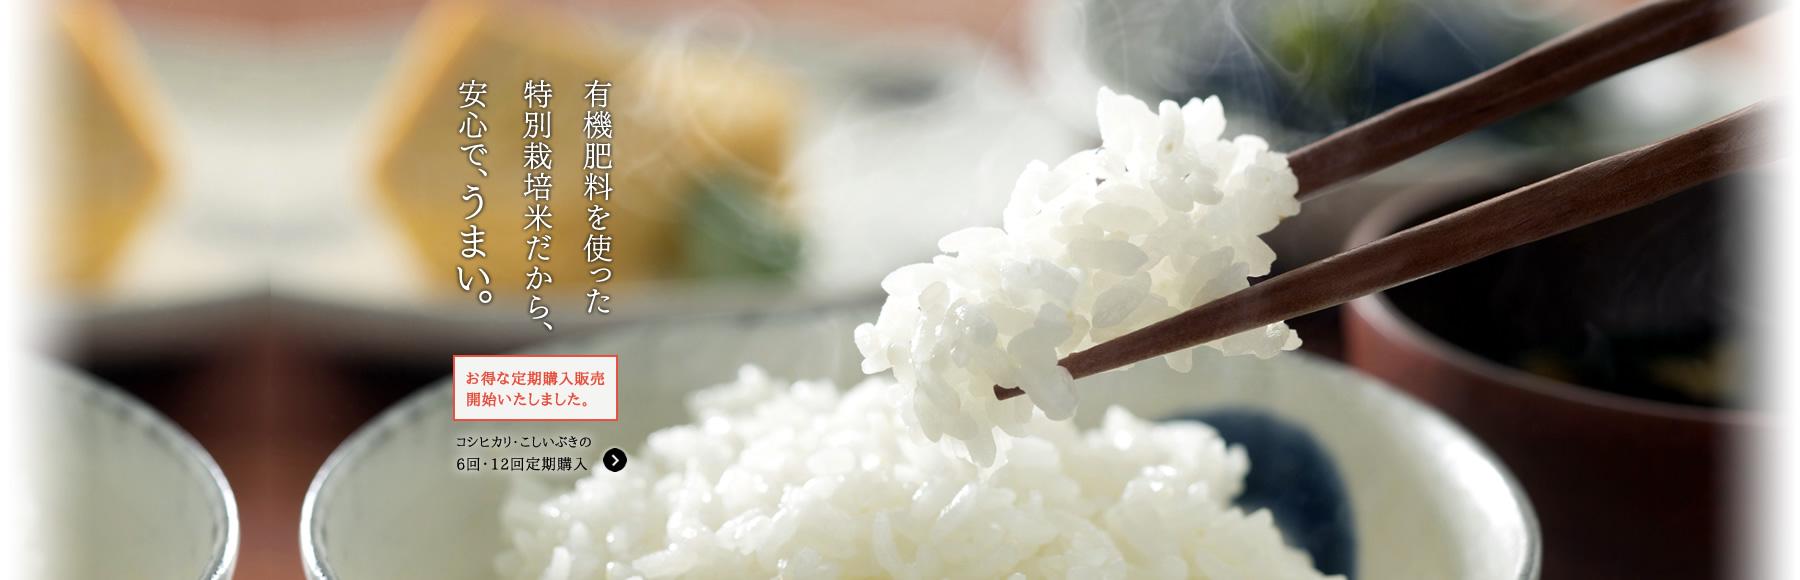 有機肥料を使った特別栽培米だから、うまい。